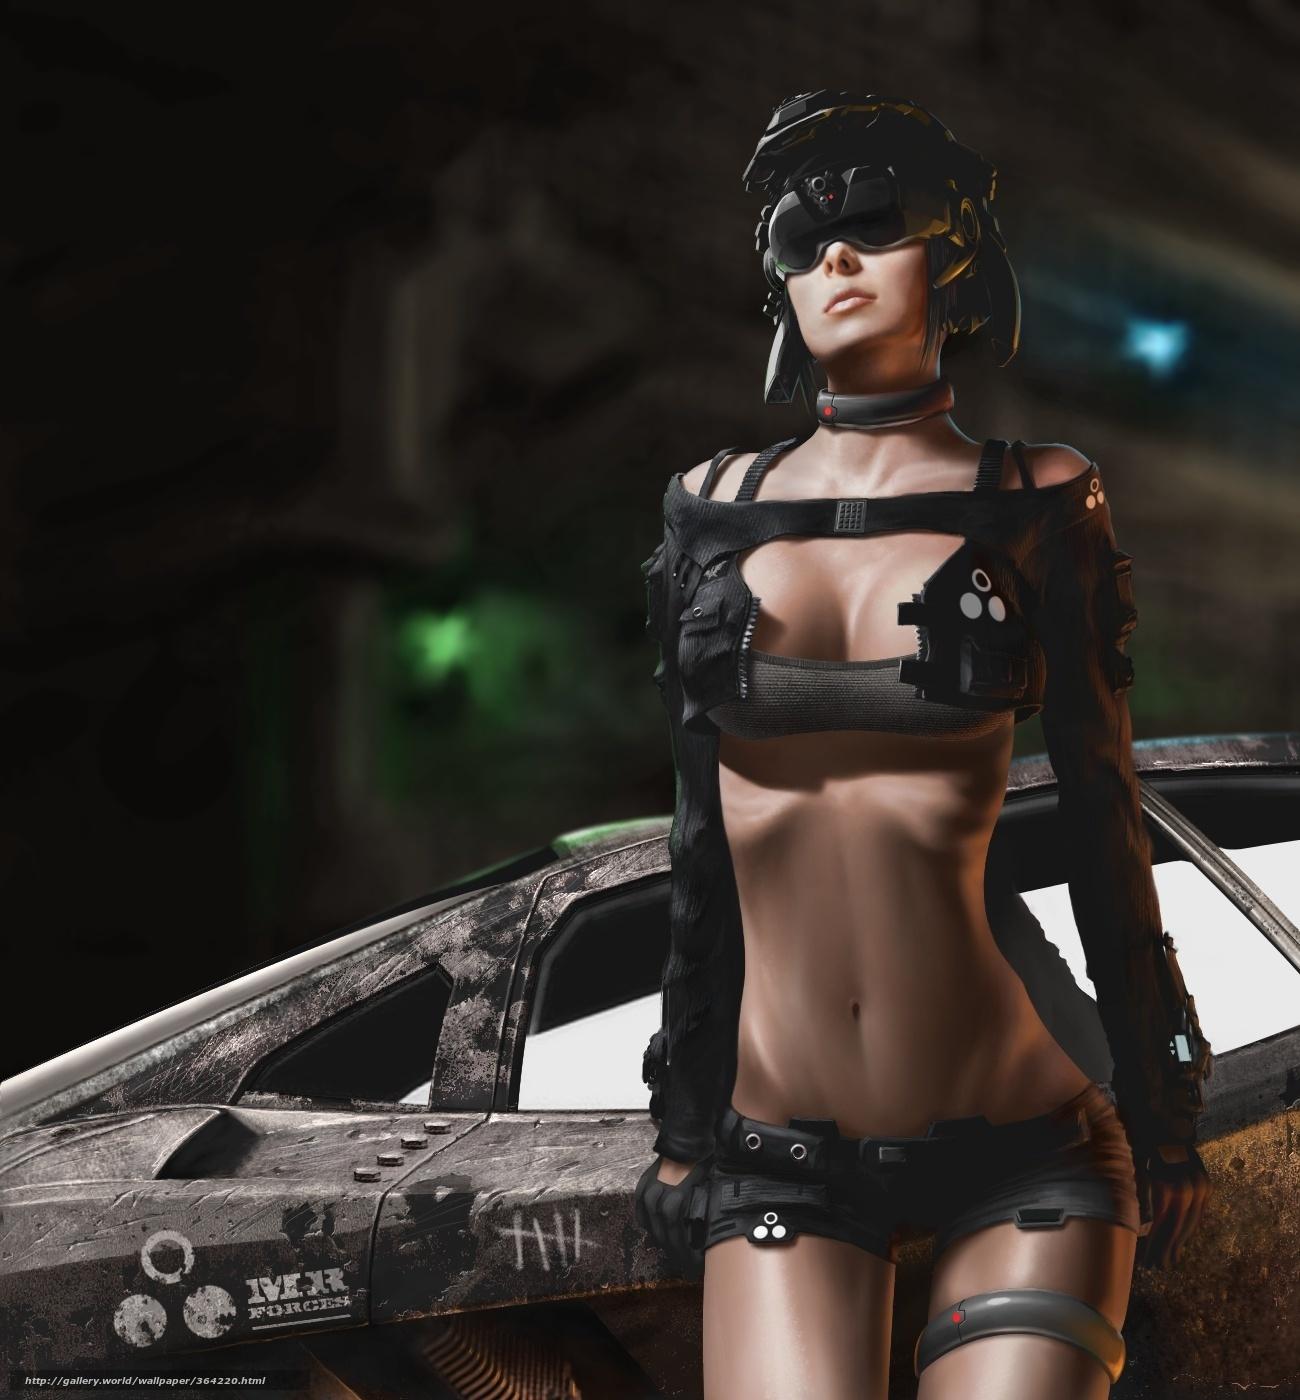 Erotic sci-fi fan art fucked clip